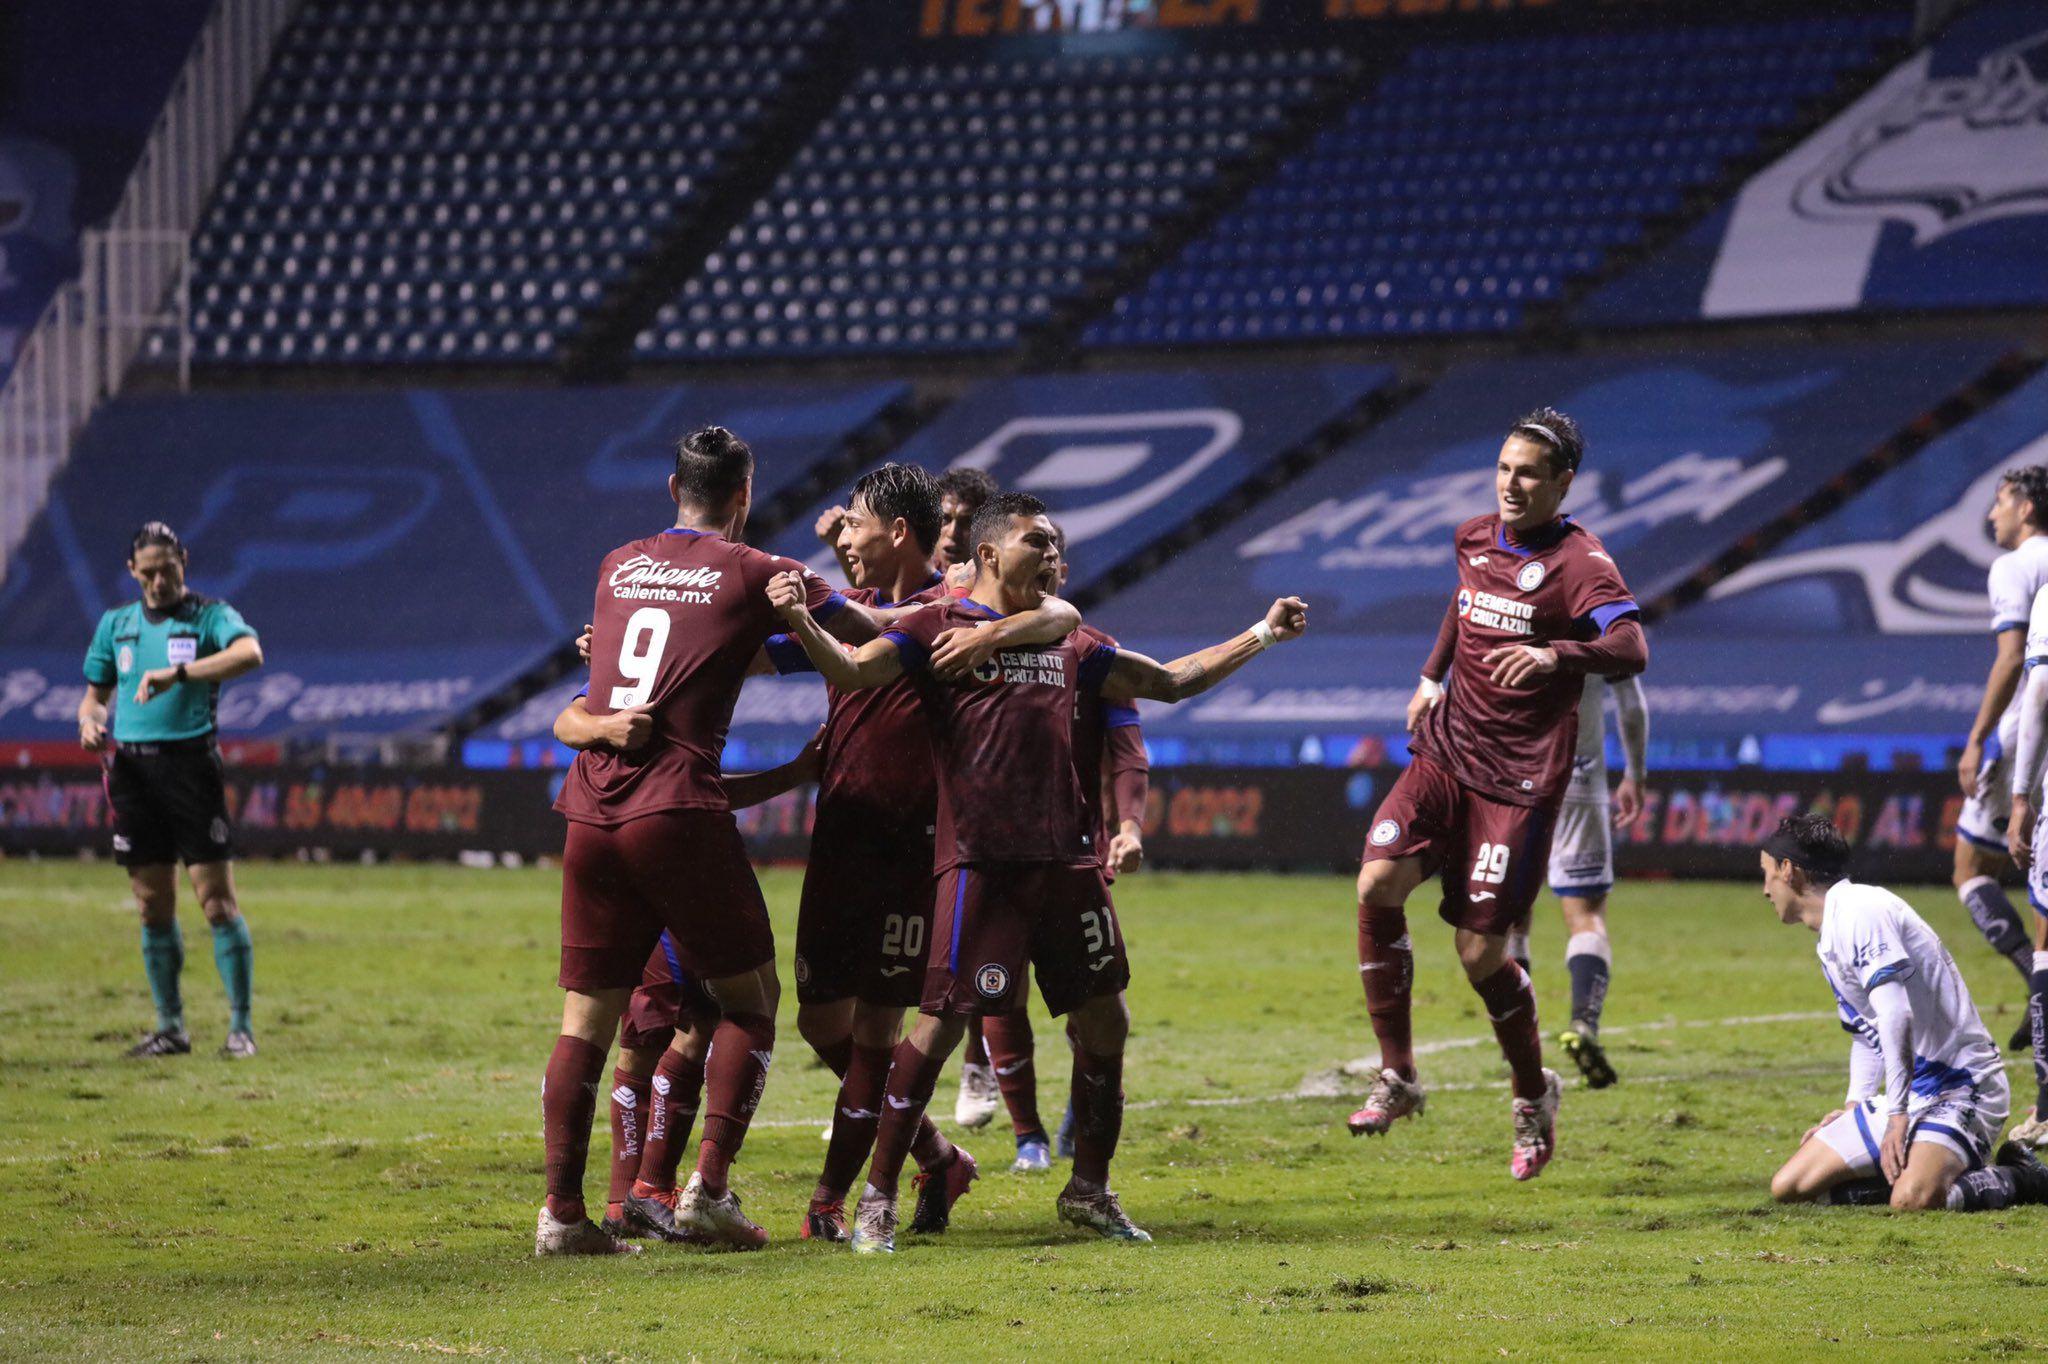 La Máquina empató con el Puebla, gracias a un gol de último minuto de Orbelín Pineda (Foto: Twitter/ @CruzAzulCD)